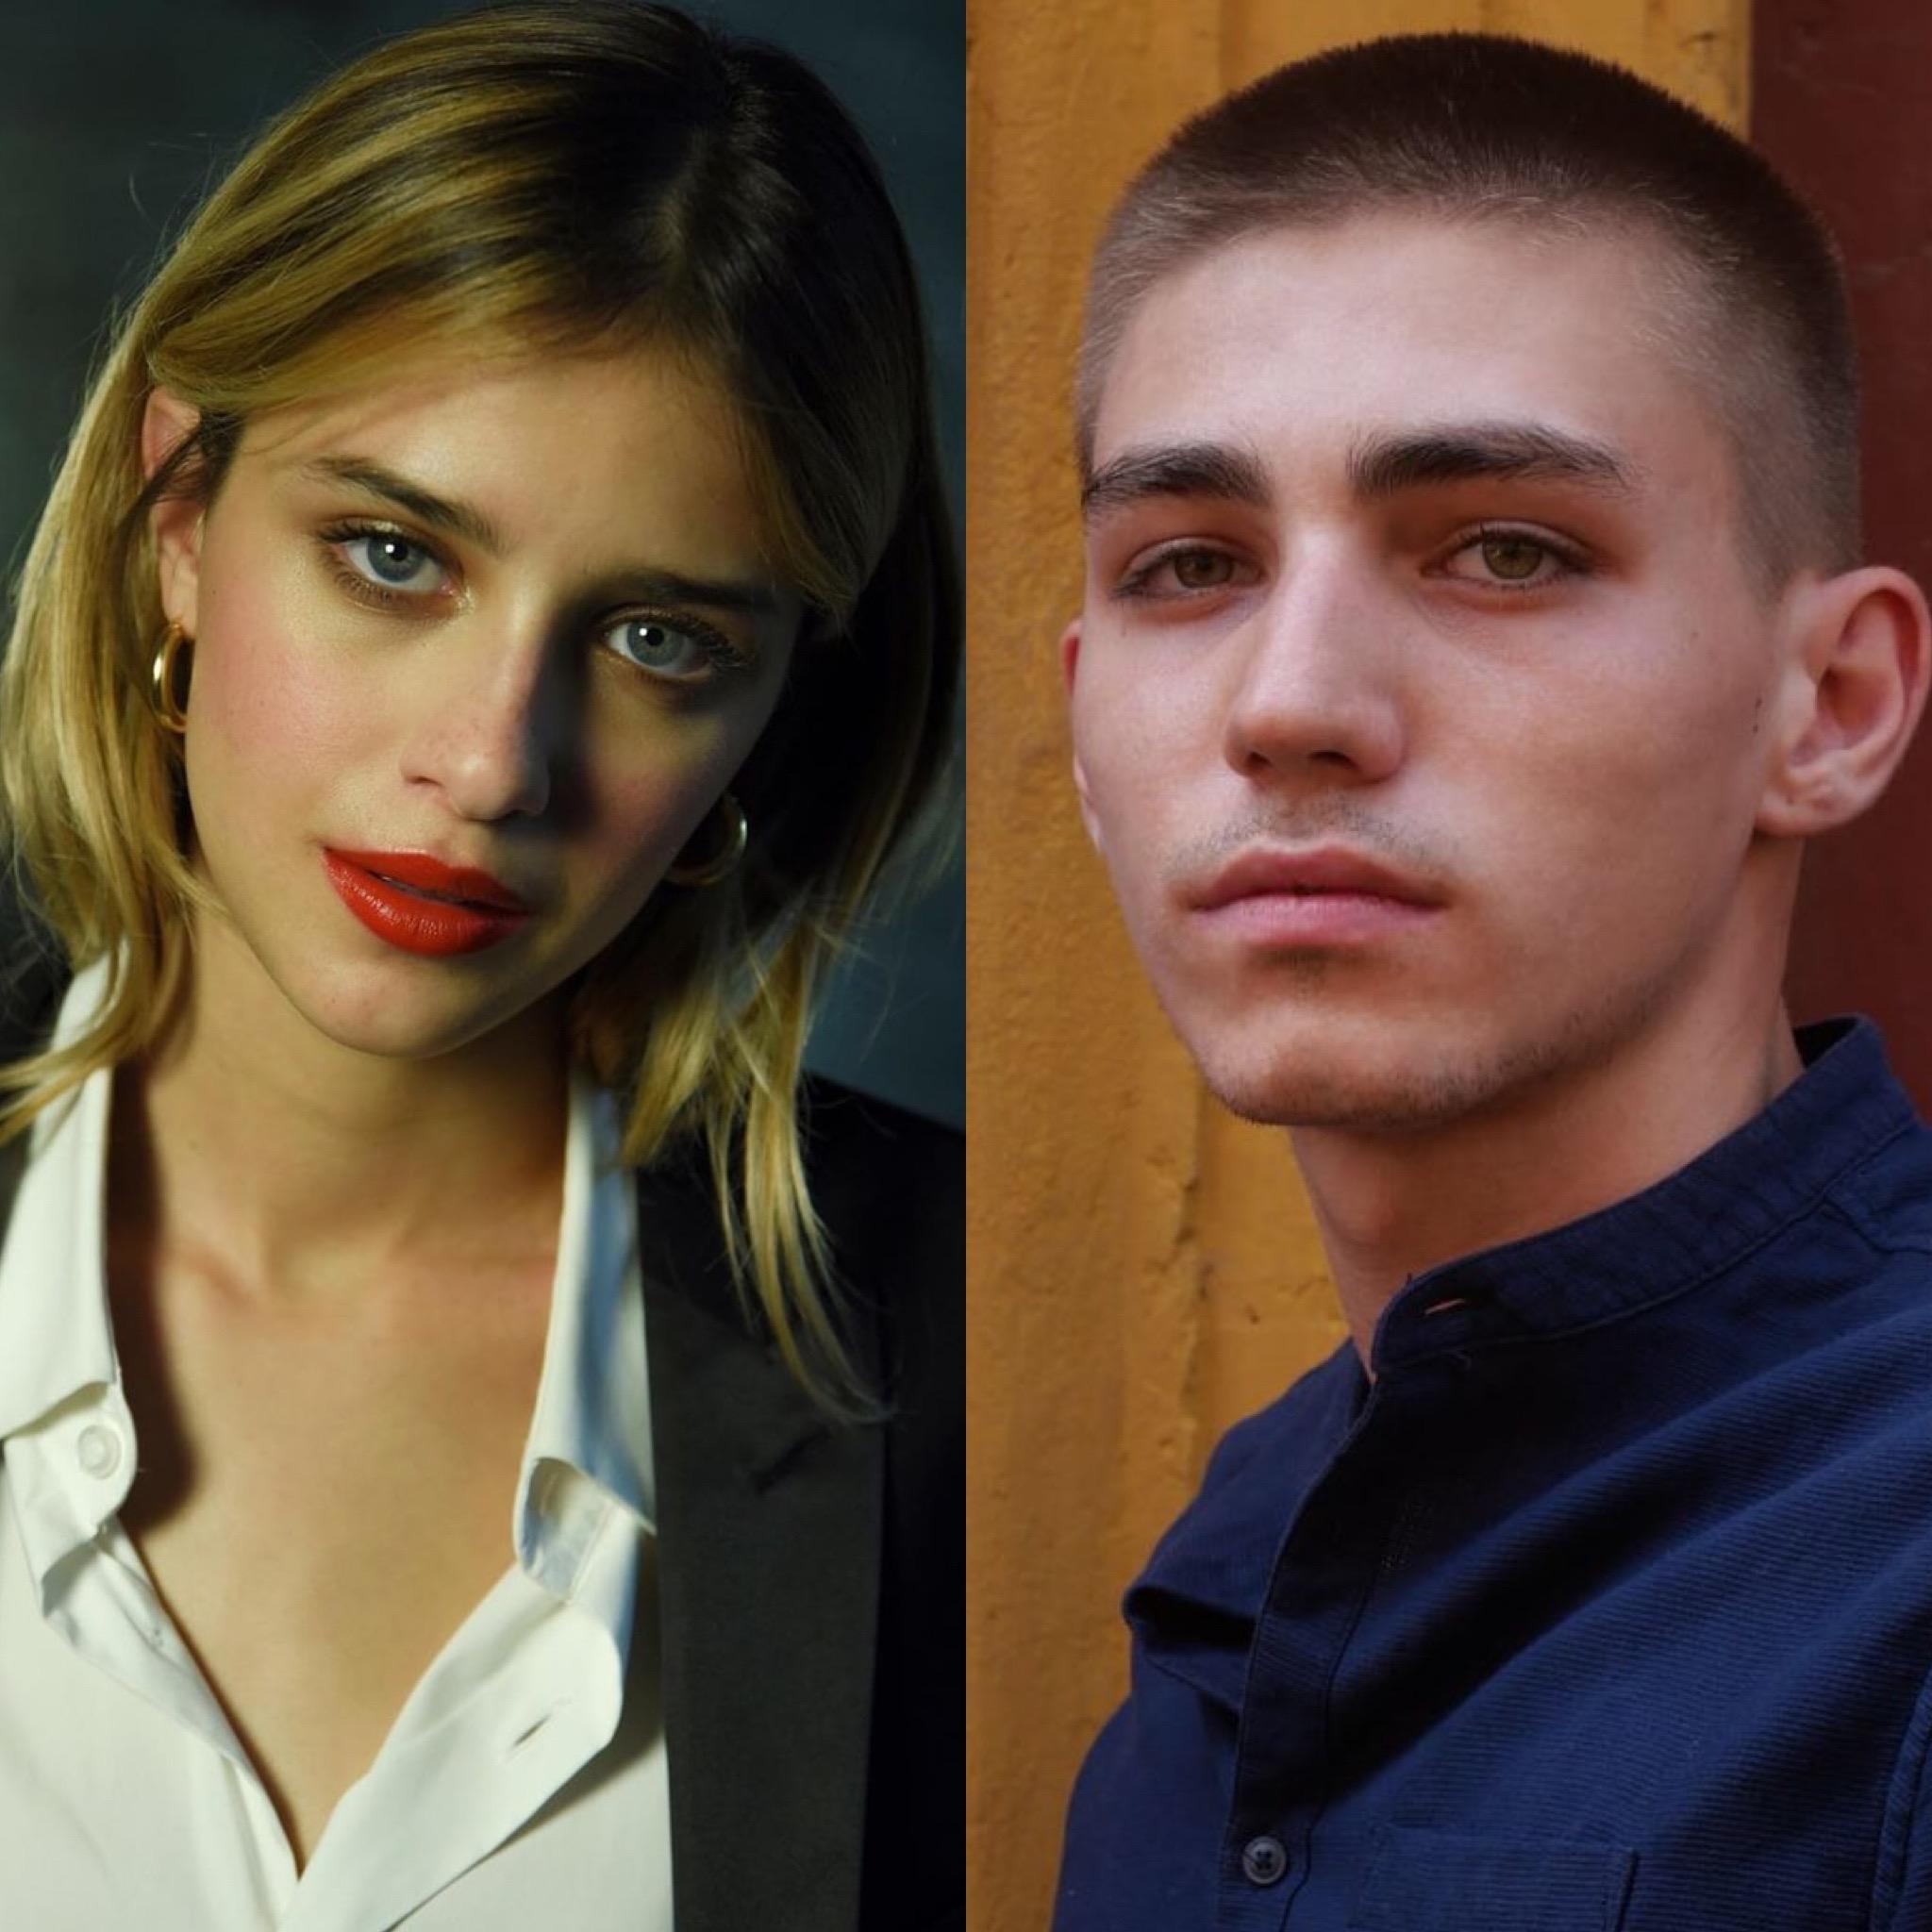 Bif&st 2020: Premio Nuovo Imaie a Benedetta Porcaroli e Claudio Segaluscio